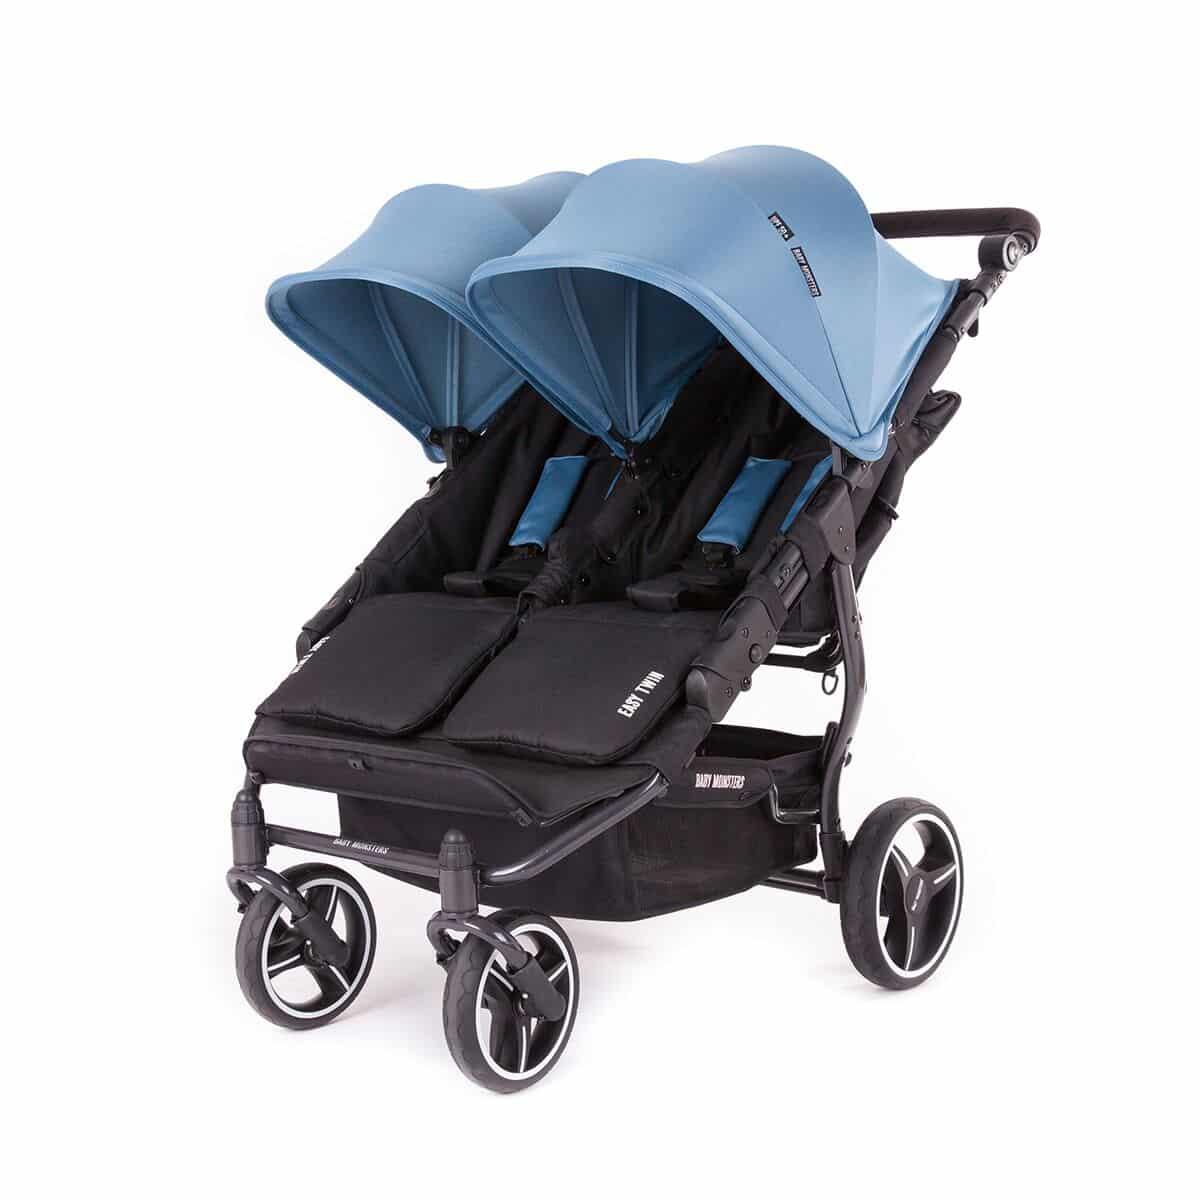 dječja kolica za bebe BM easy twin